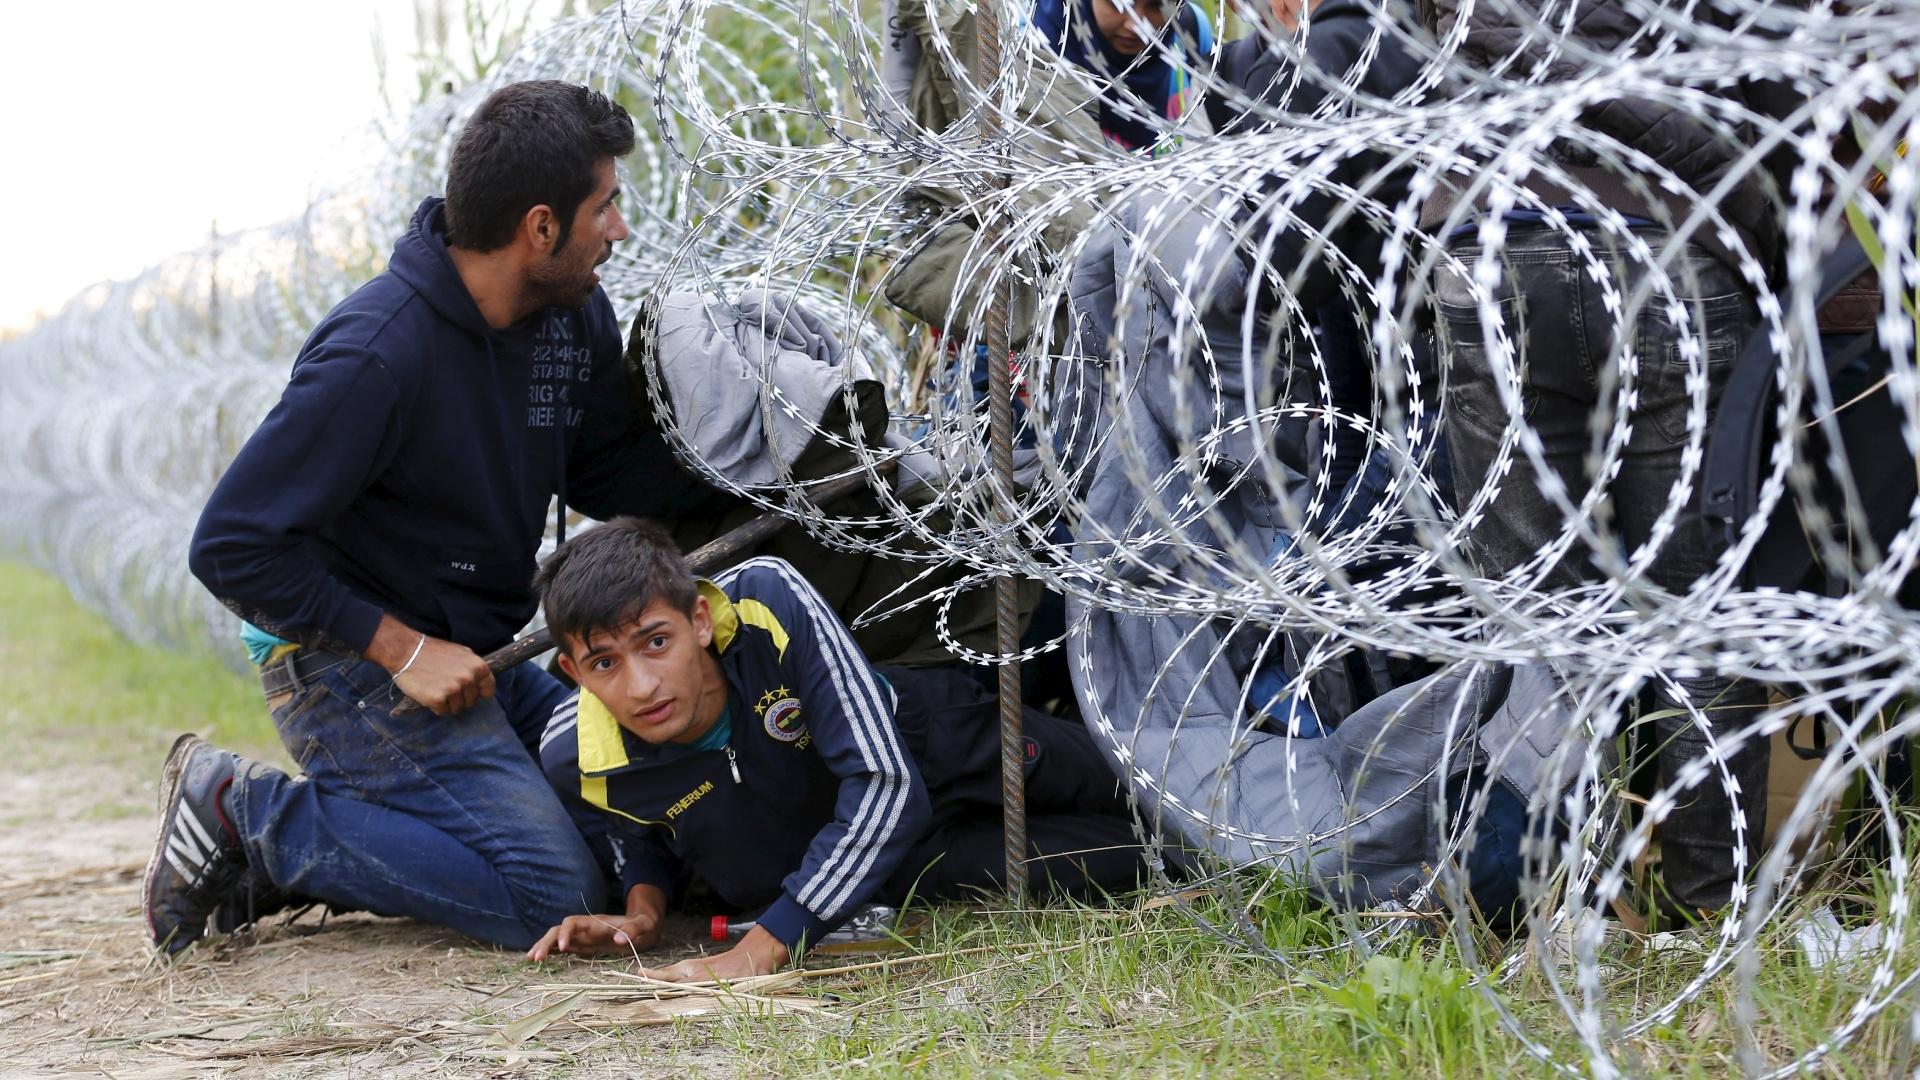 Hungria desafia UE e confirma referendo sobre imigrantes